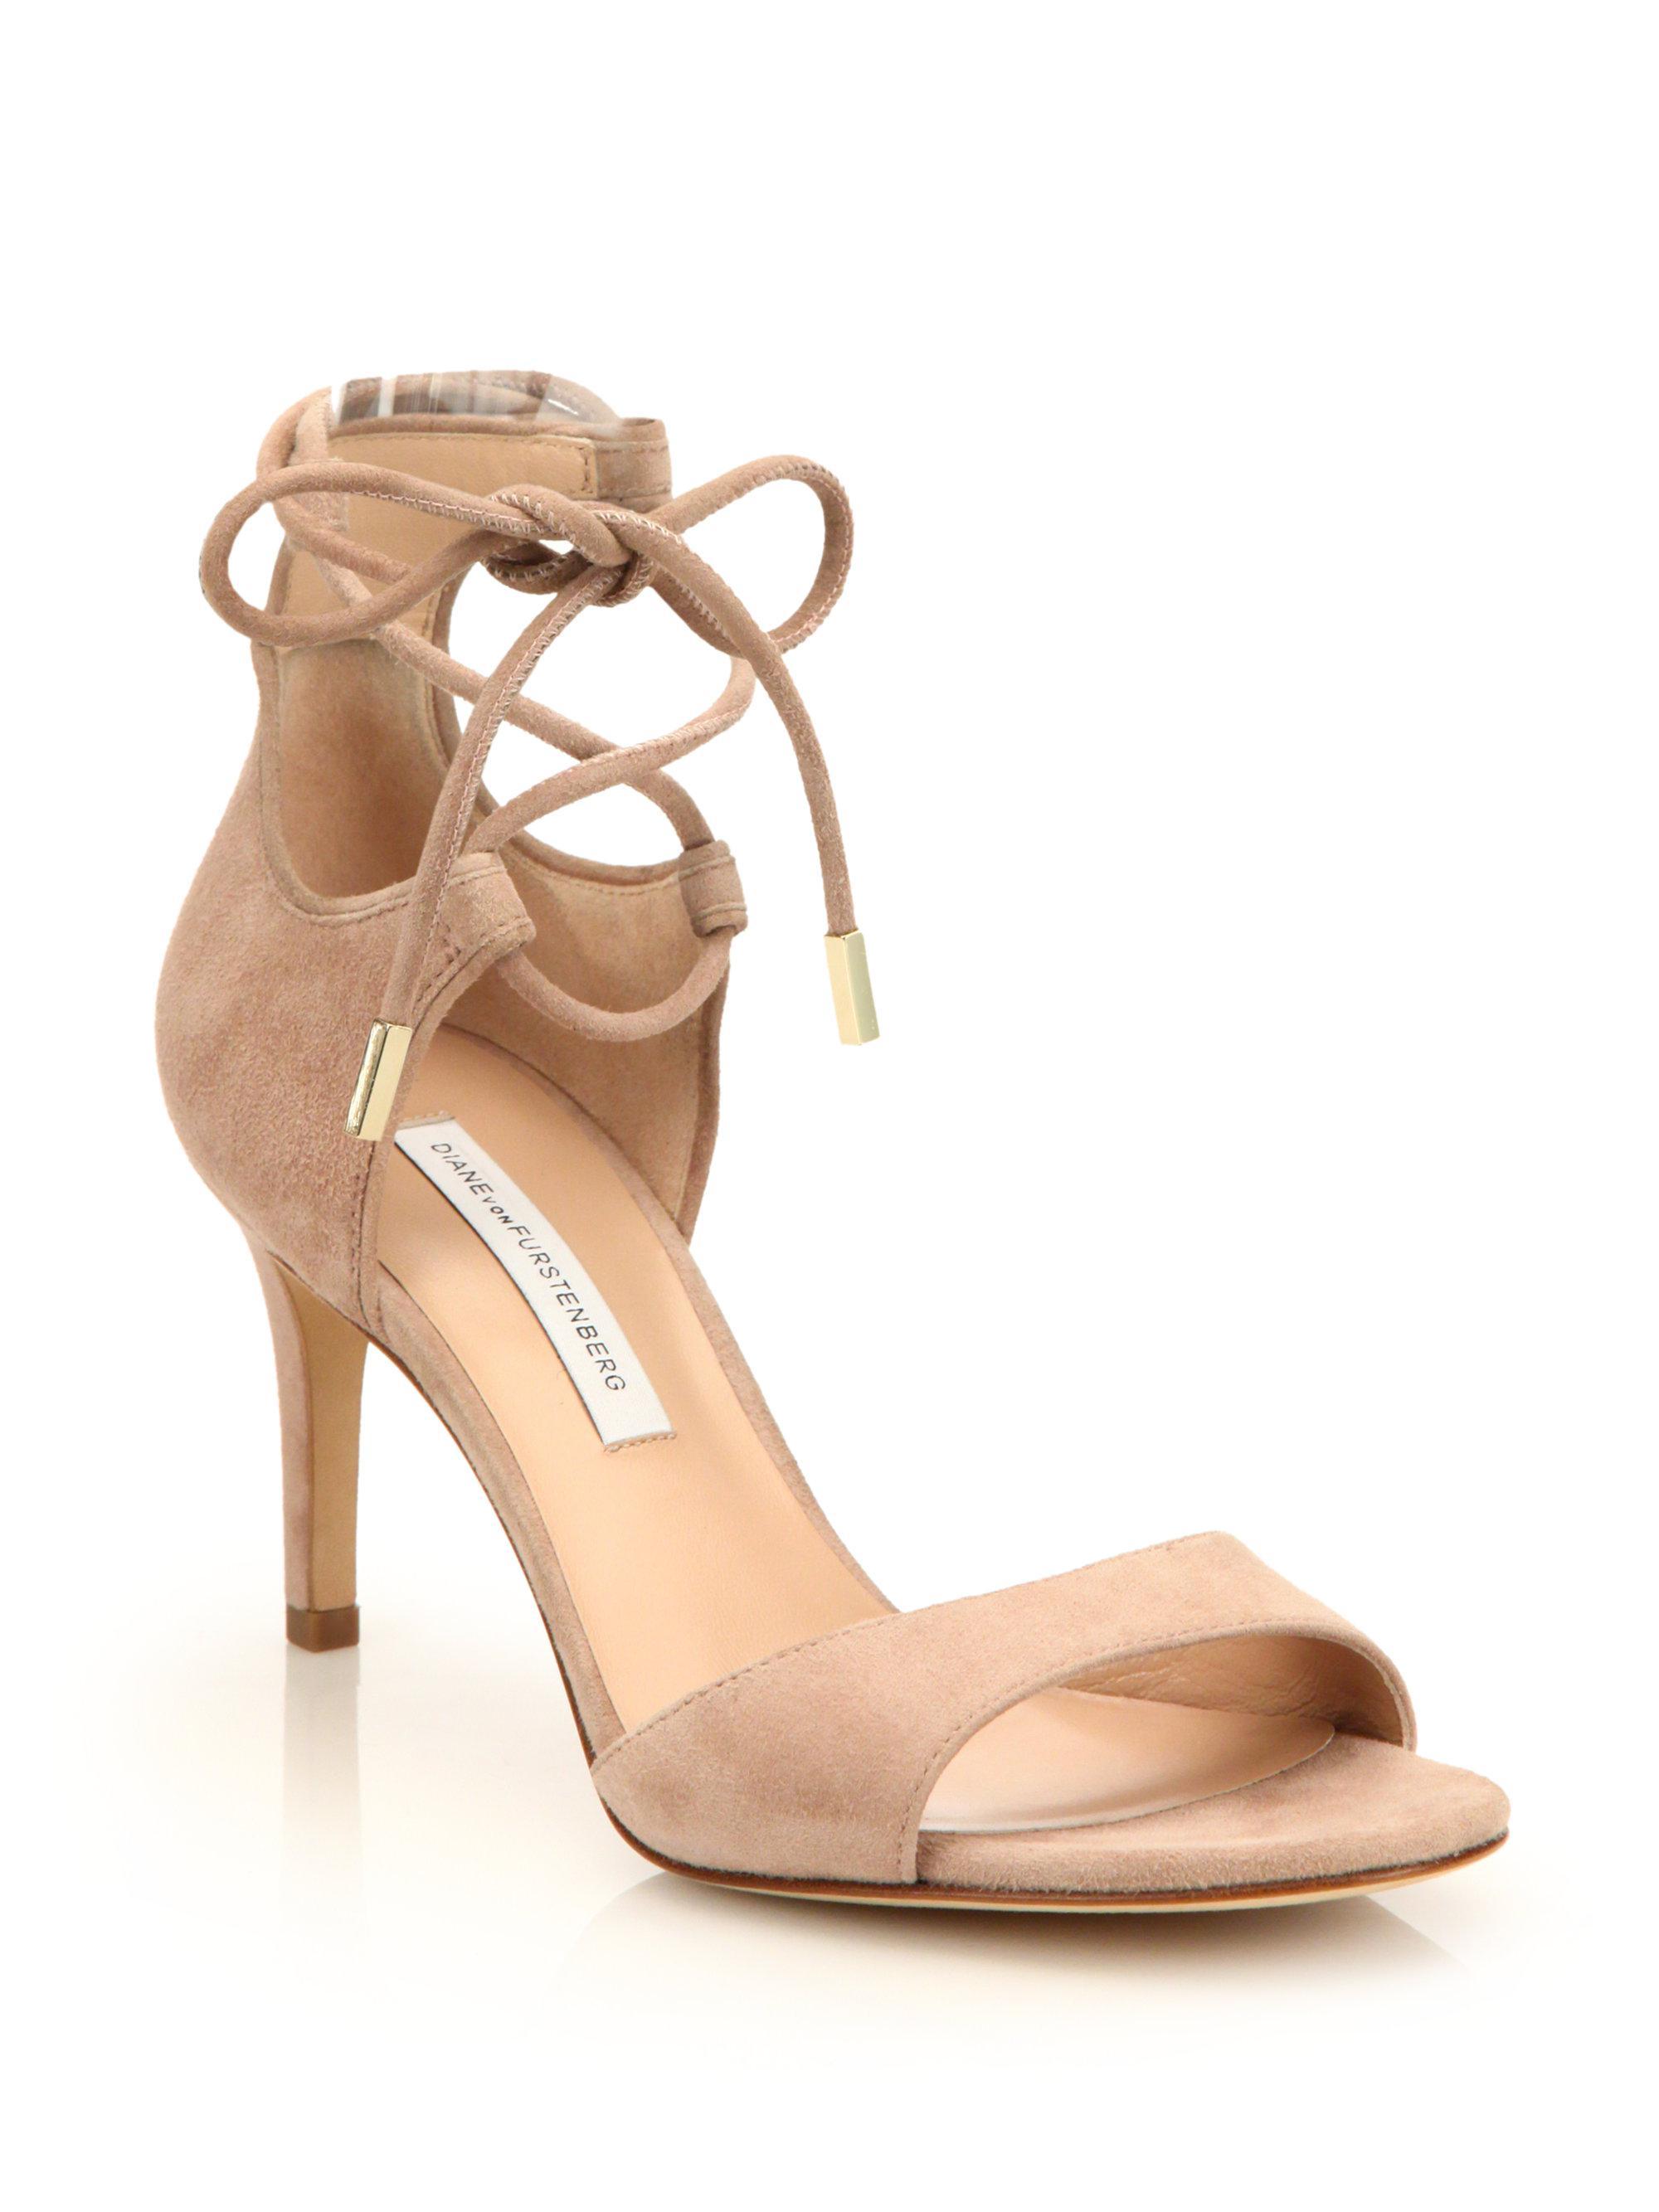 Diane von Furstenberg Suede Lace-Up Sandals visit new YWtVvgU